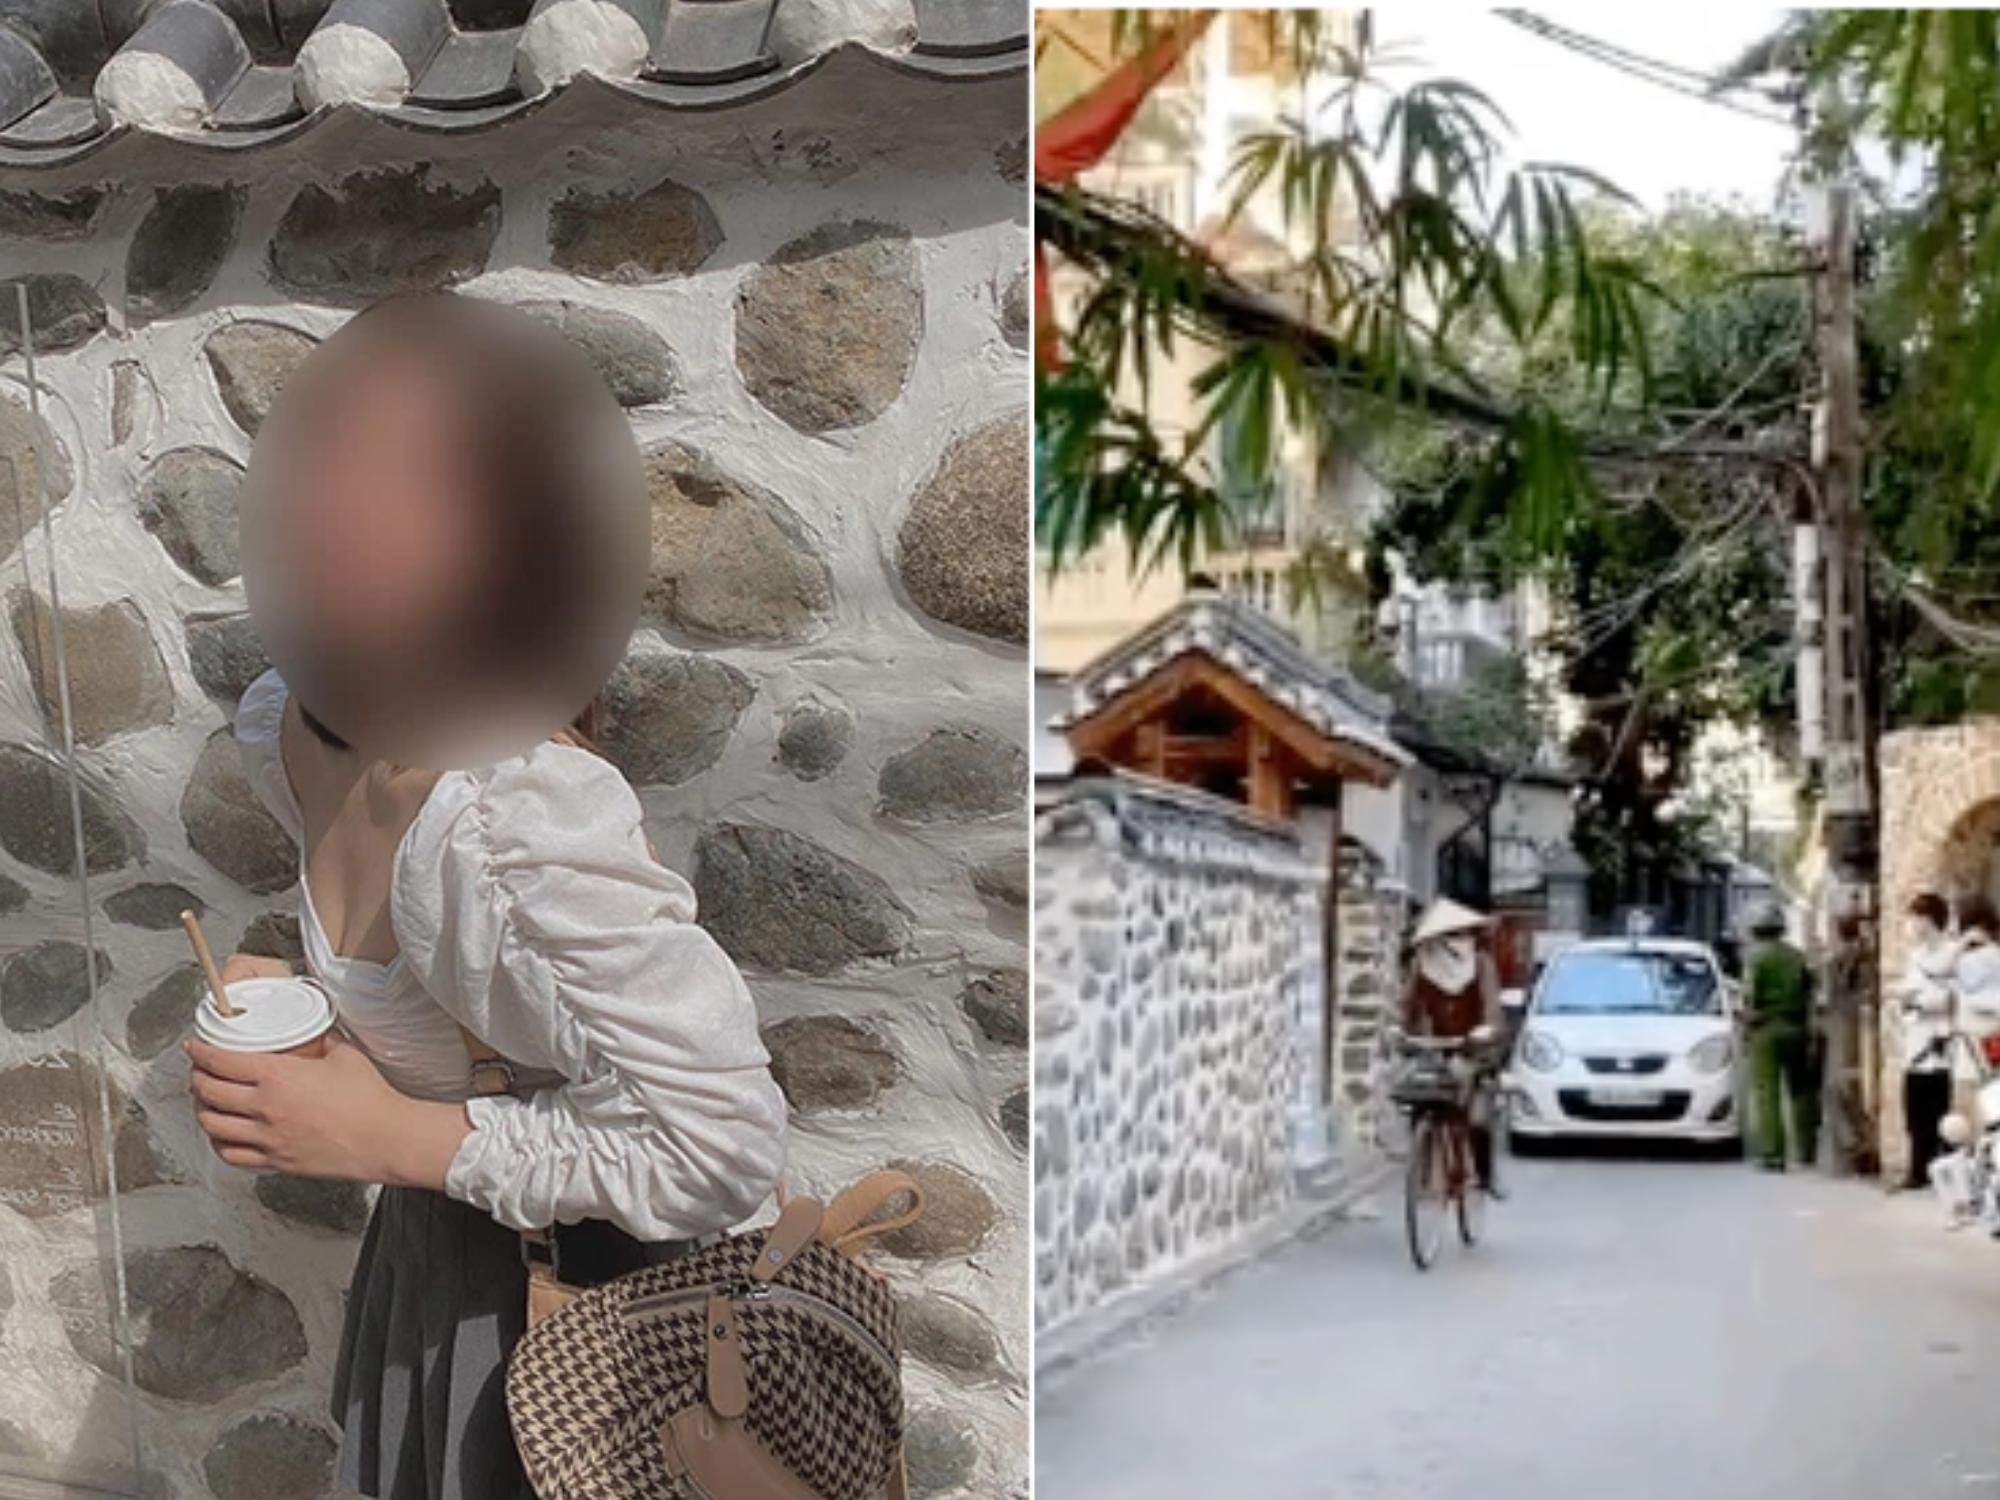 Tháo khẩu trang chụp hình sống ảo ở quán cà phê nên bị phạt 2 triệu, cô gái than thở liền bị phản pháo: 'Đã làm sai mà còn bao biện'